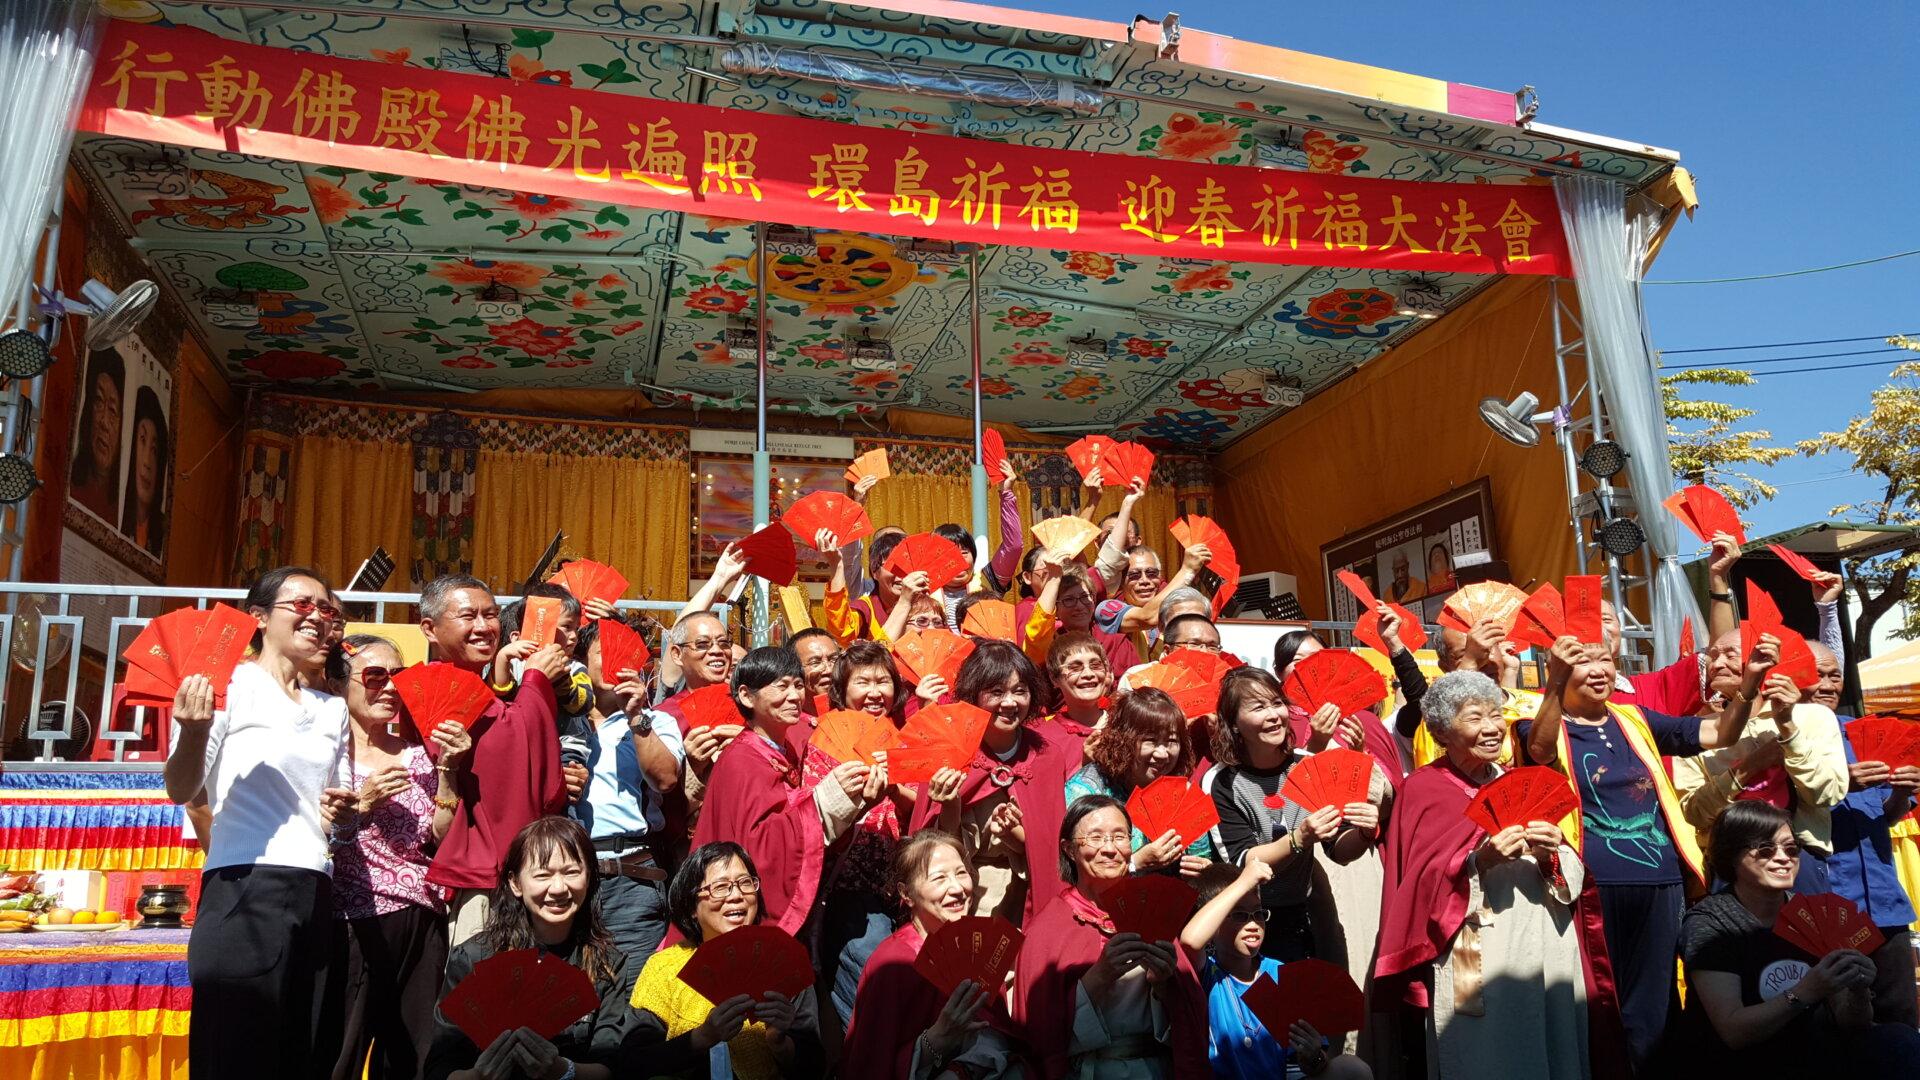 世界佛教正心會行動佛殿123站高雄前鎮,歡度新年歡迎大家一起來誦經祈福過好年(資料照片)